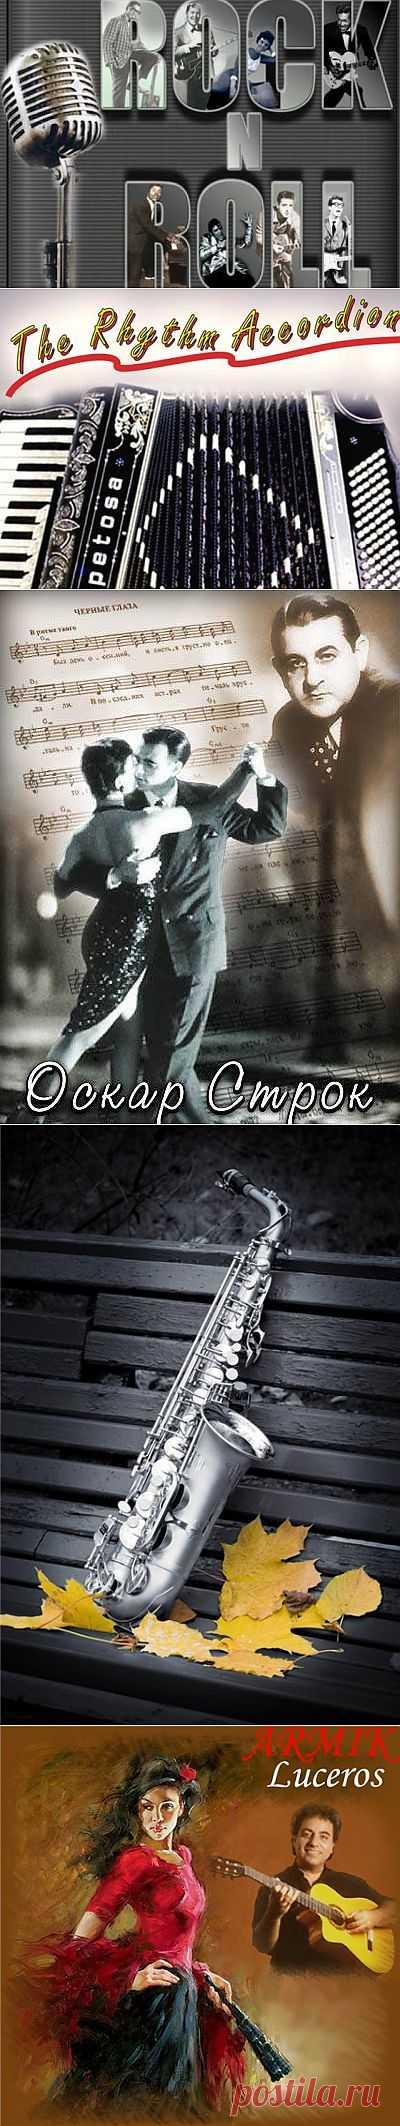 Аудиоальбомы | Записи в рубрике Аудиоальбомы | Музыкальная гостиная Дмитрия Шварца